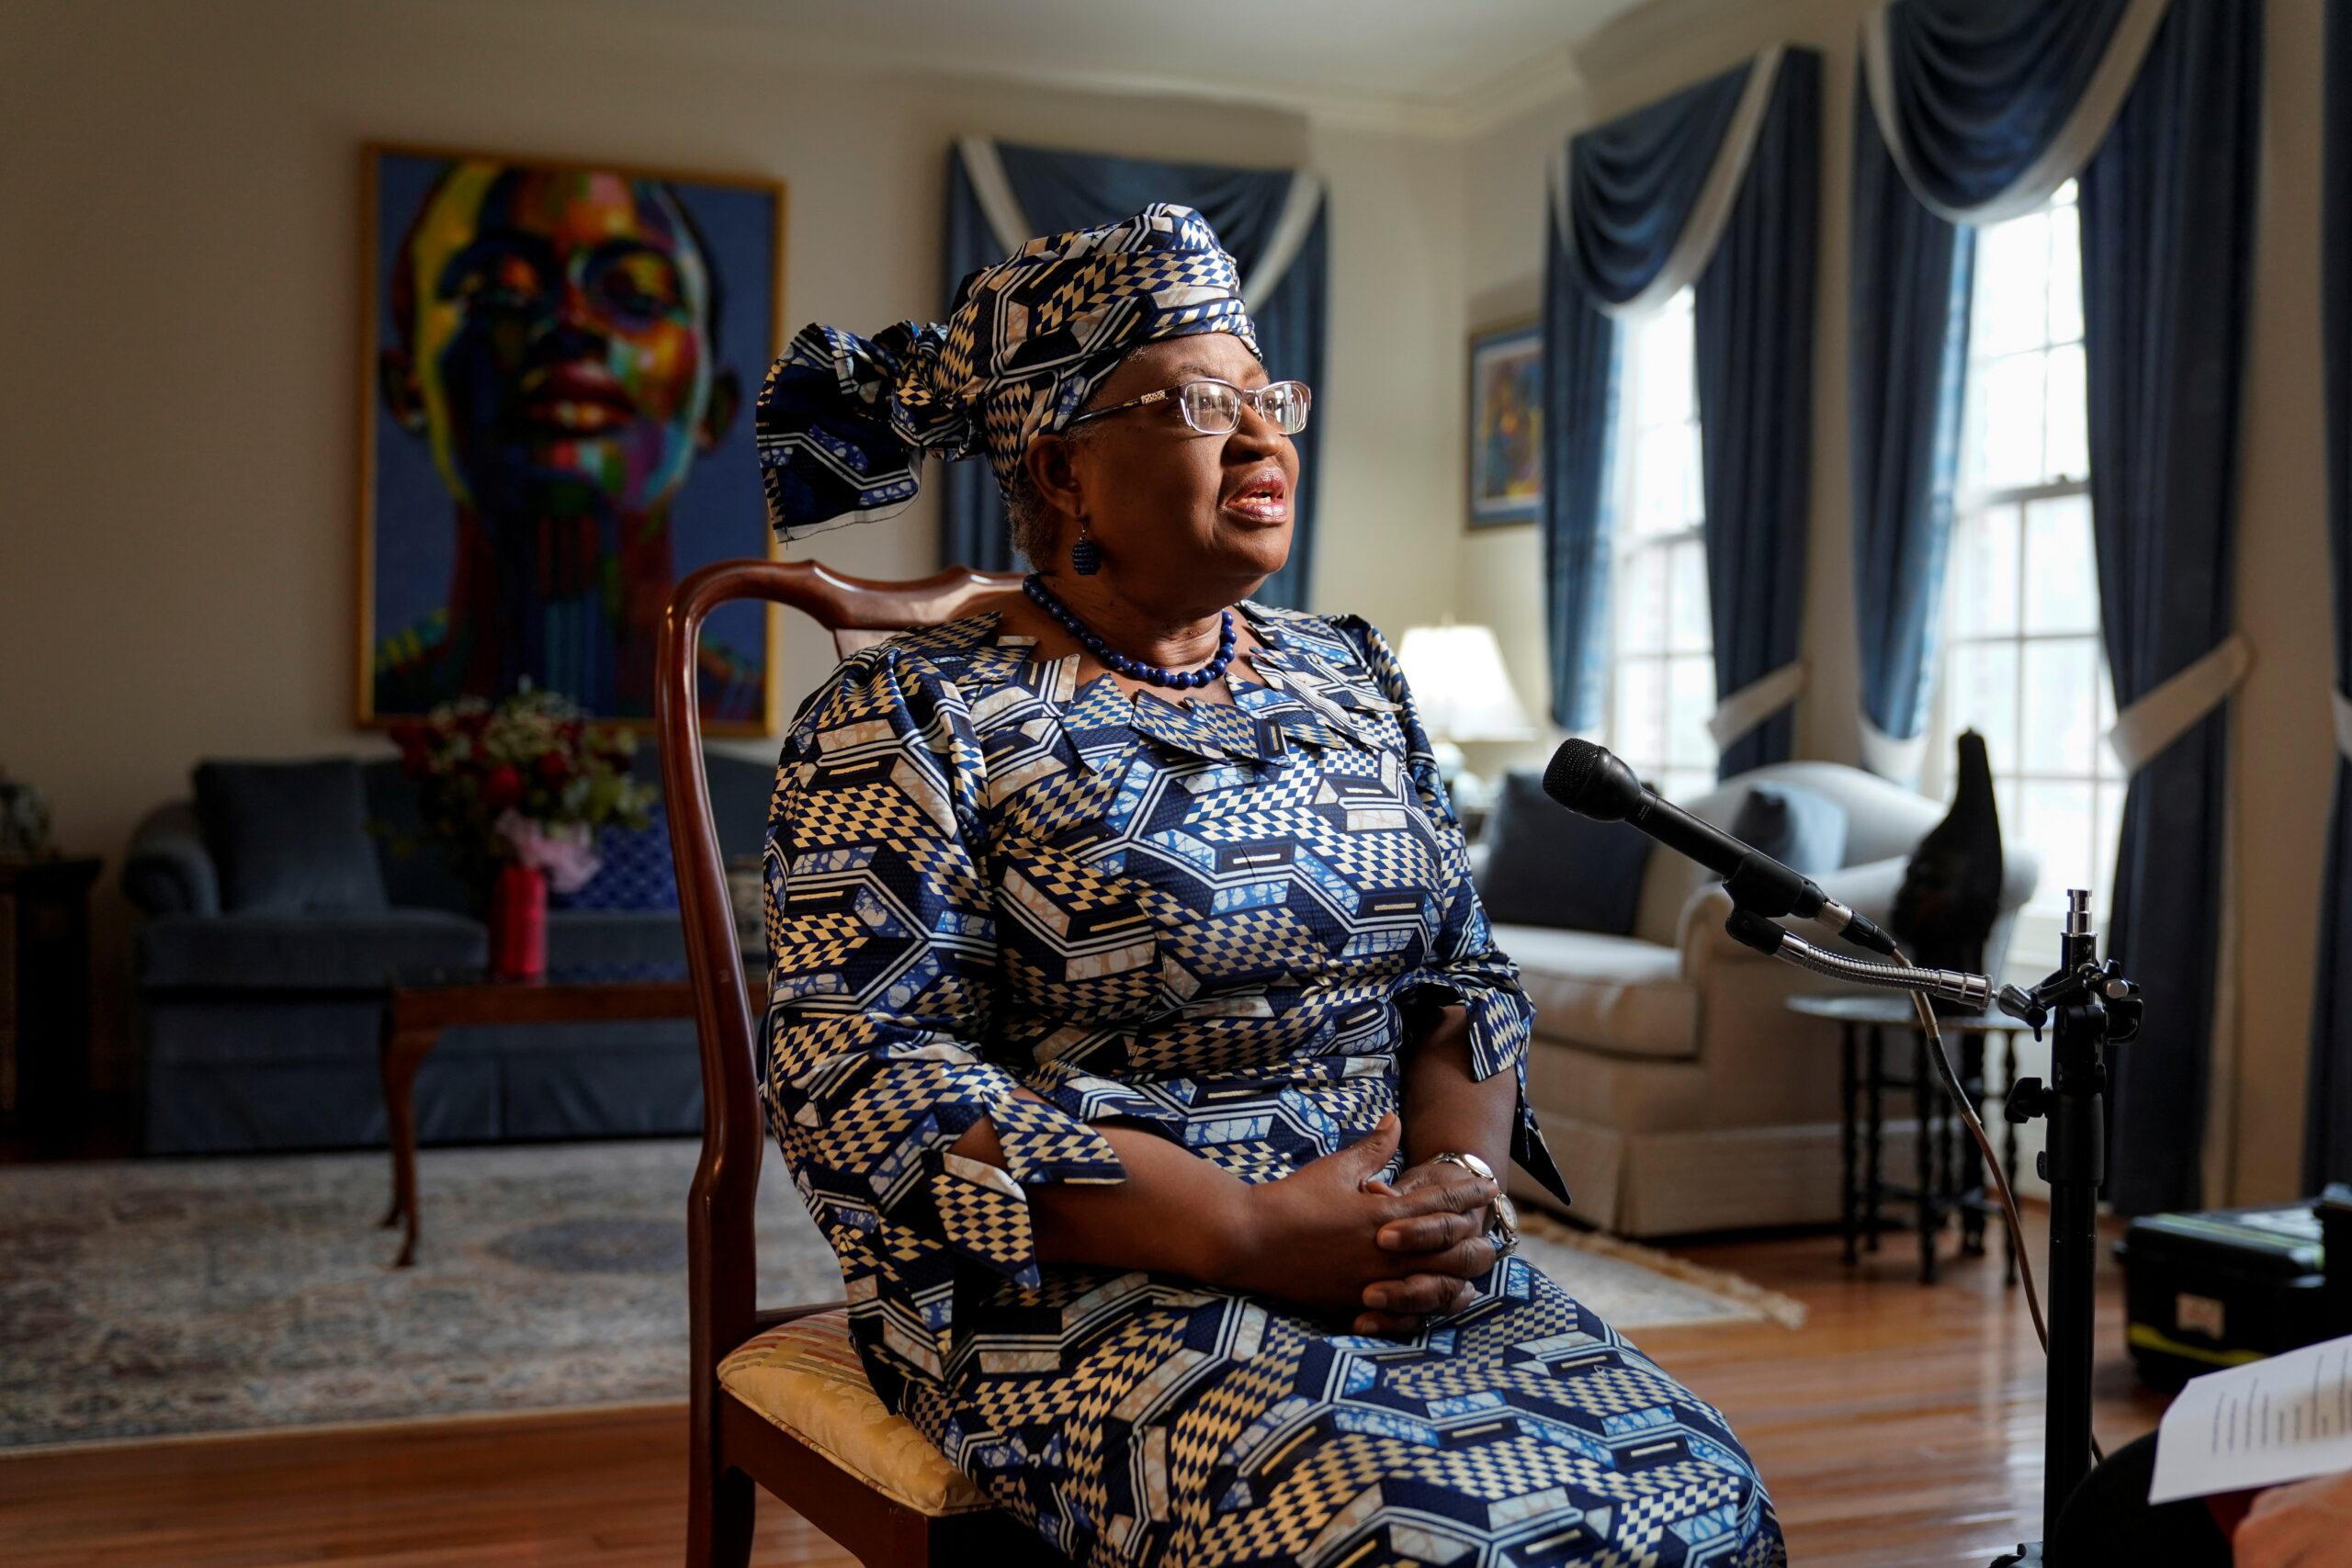 Wto: Ngozi Okonjo-Iweala